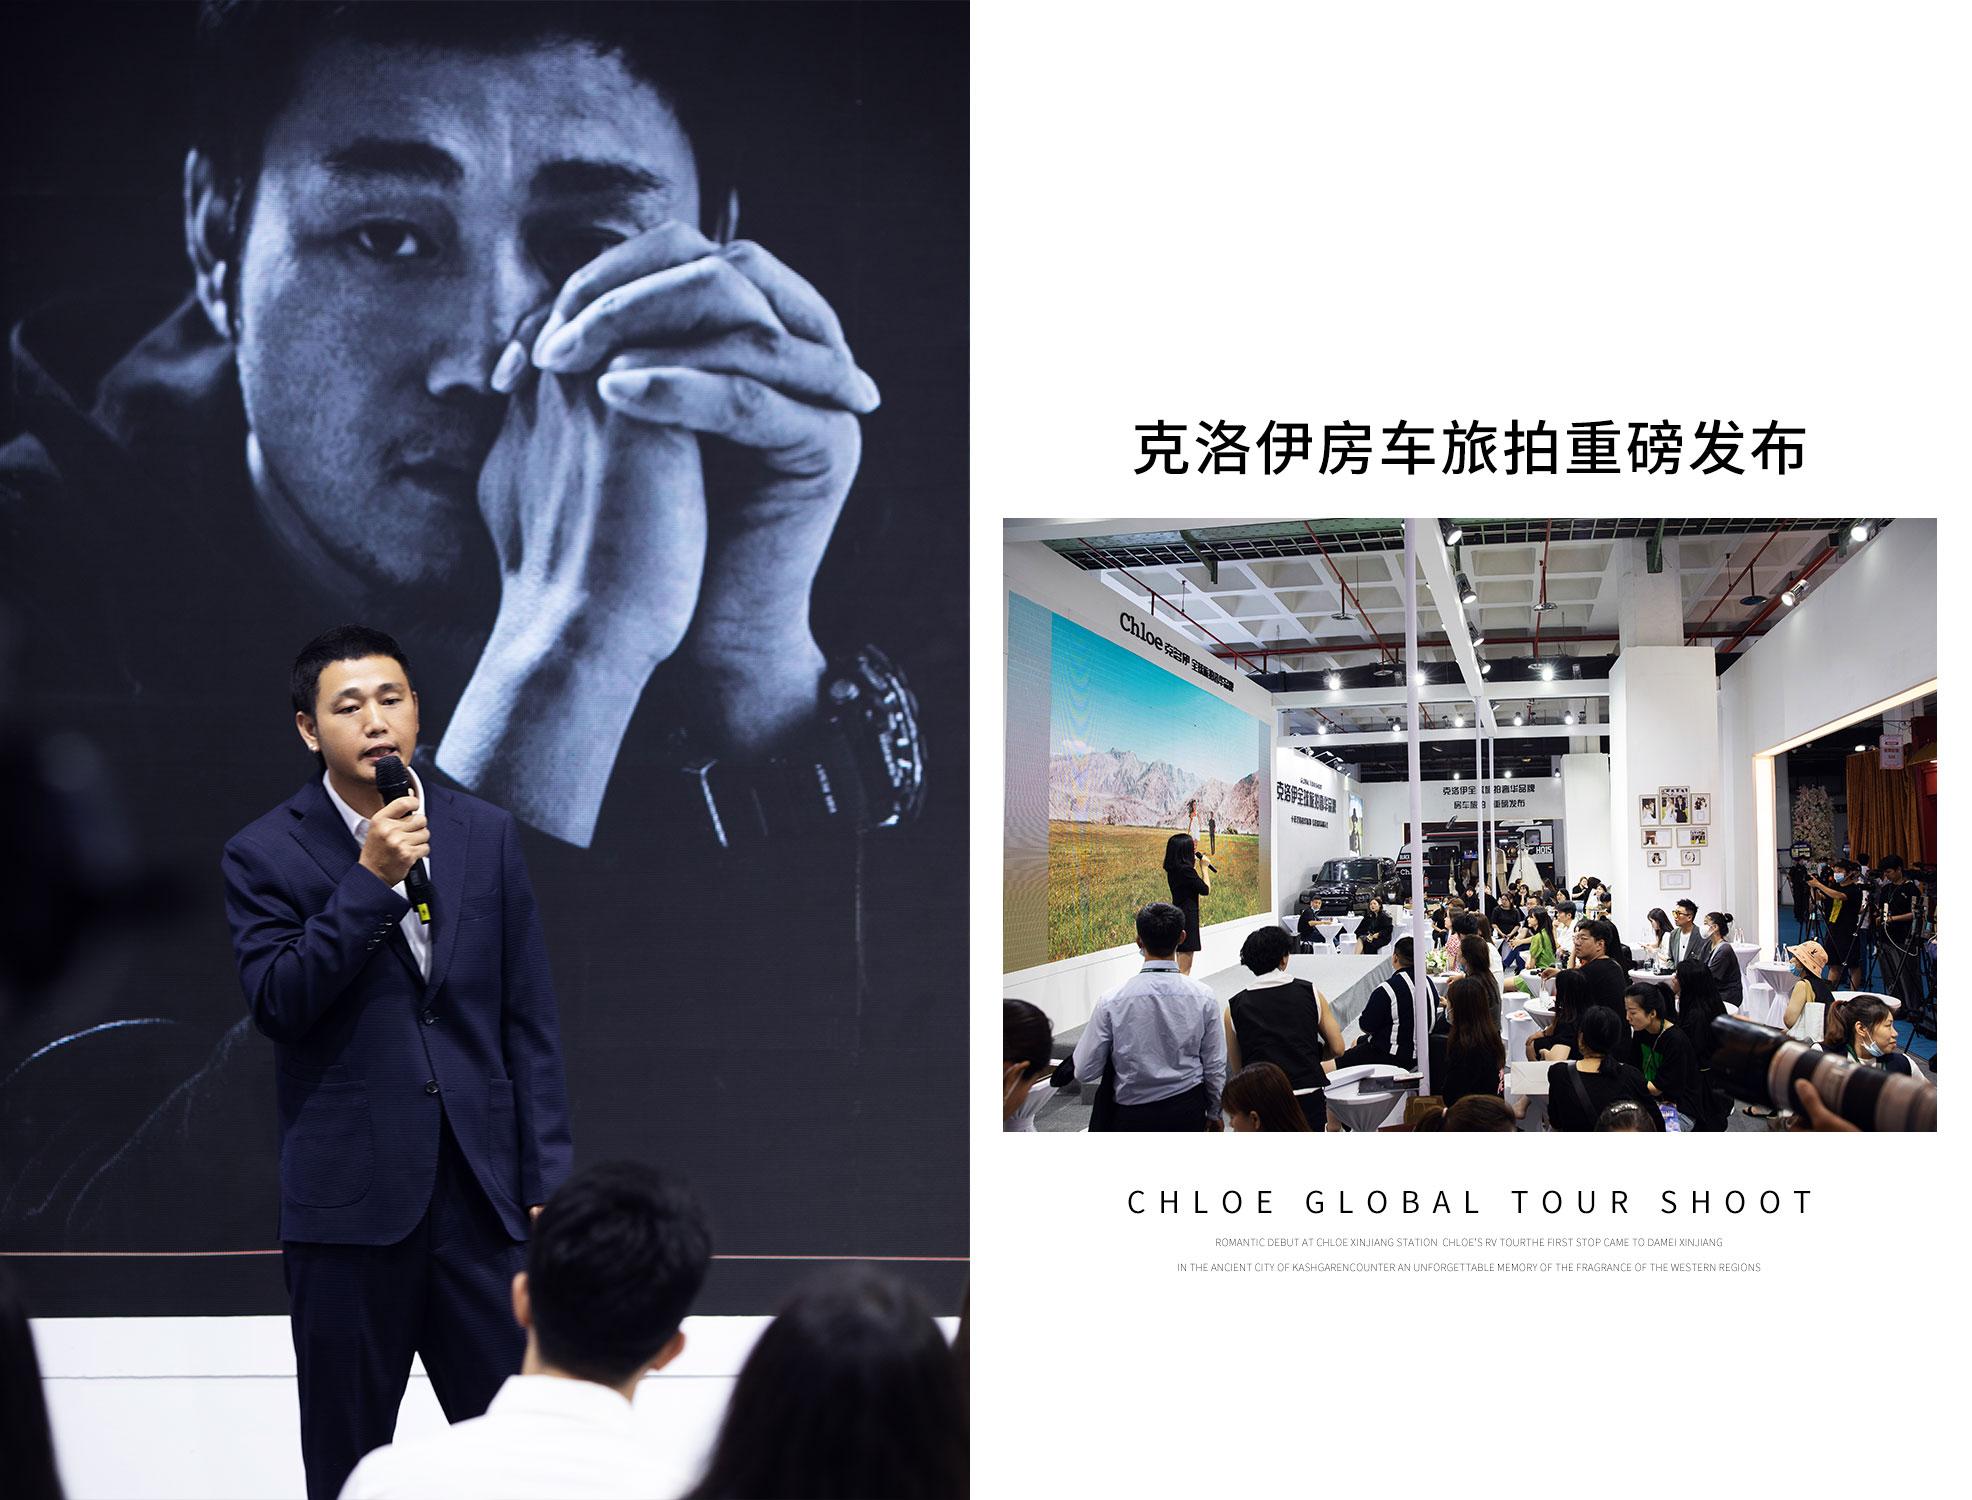 震撼!北京婚博会现场惊现房车,新人:克洛伊房车旅拍太酷了!